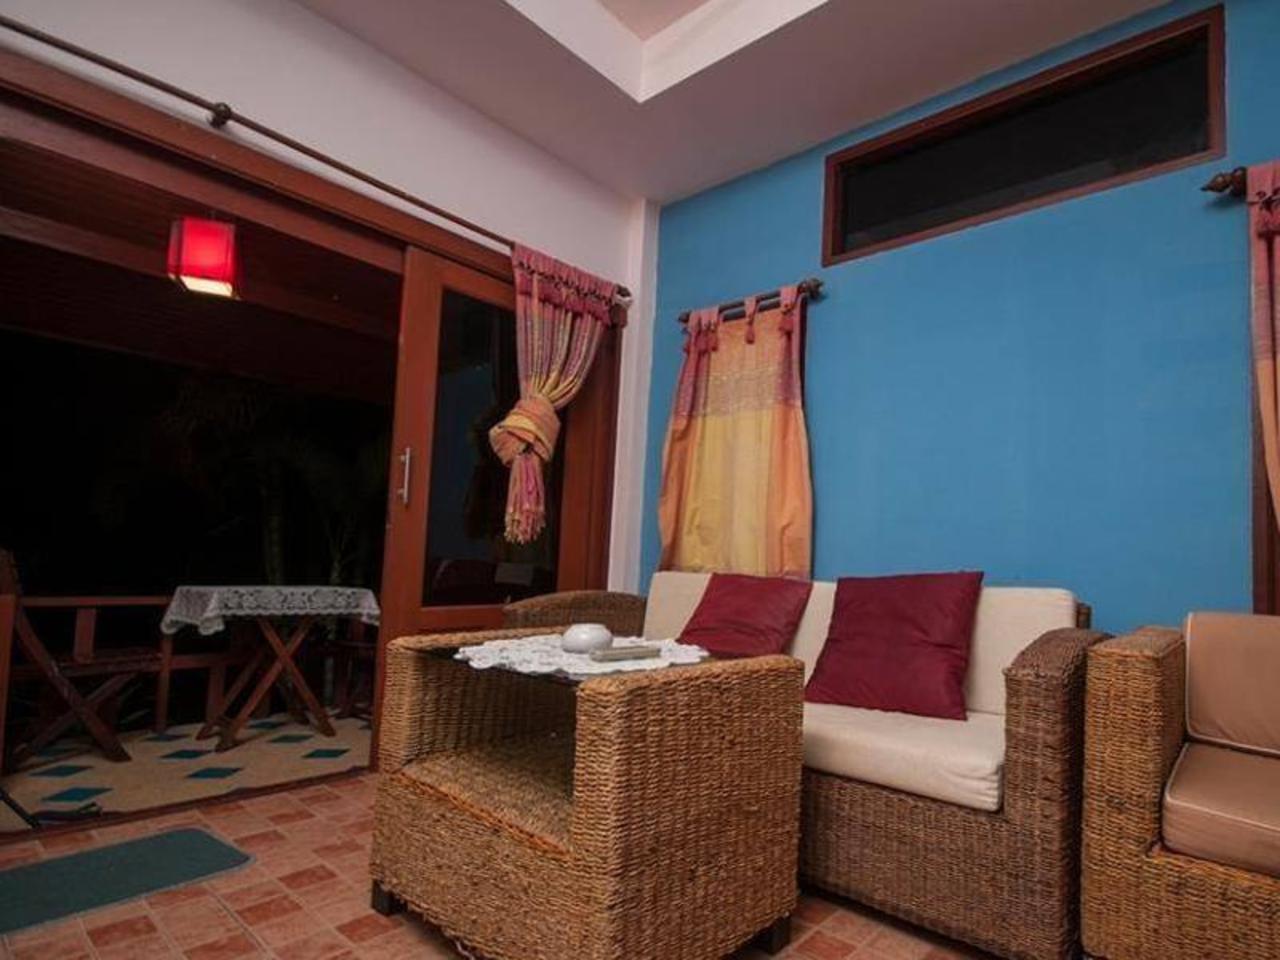 เอ็ม เพลส เฮาส์ เกาะสมุย (M Place House Koh Samui)